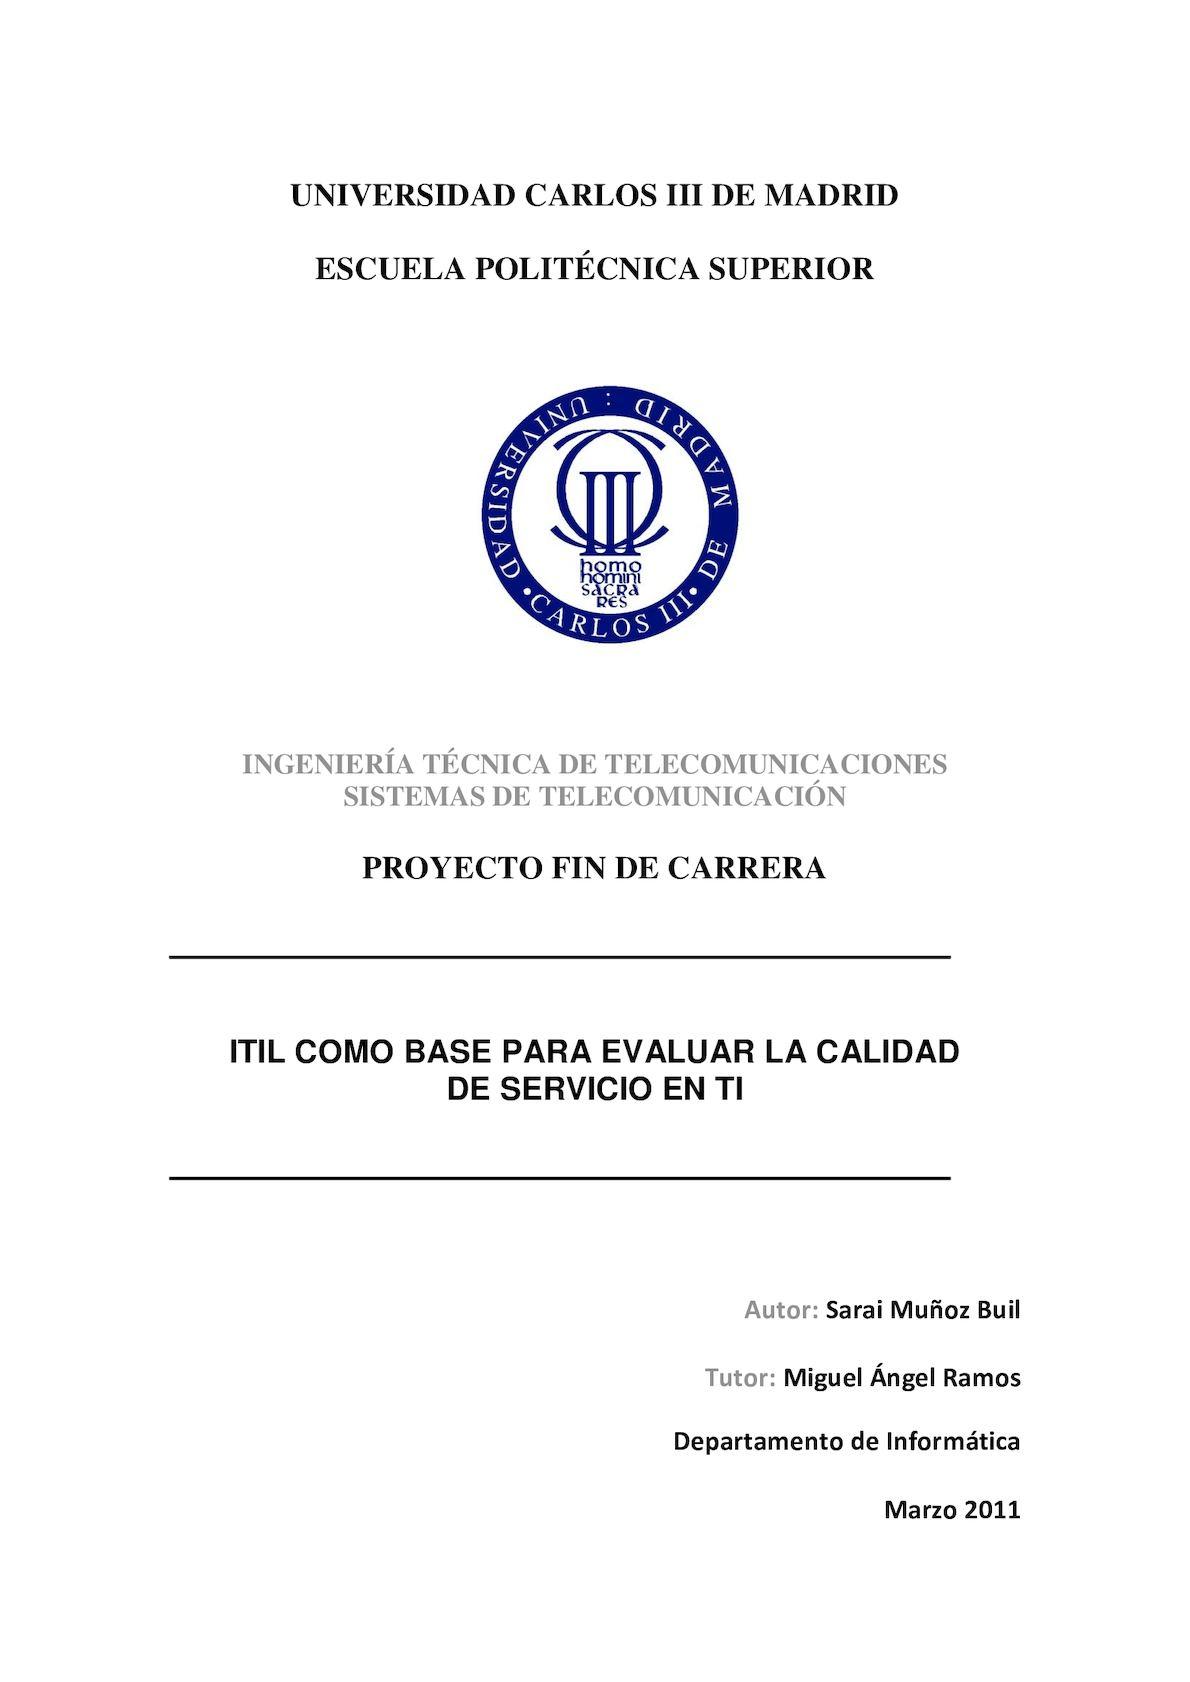 Increíble Noc Soporte Ingeniero Reanudar Imagen - Colección De ...